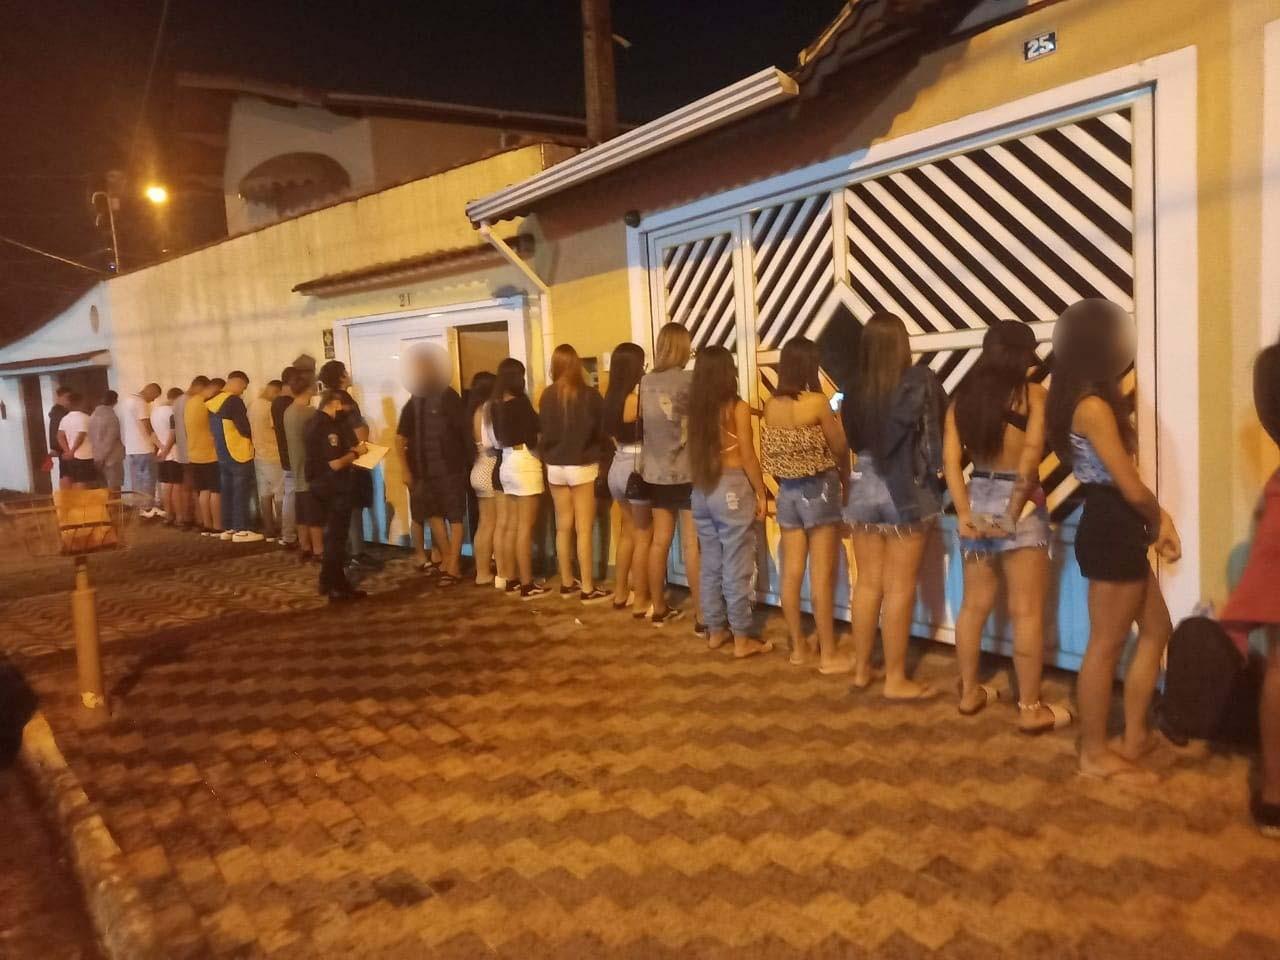 Festa clandestina com dezenas de jovens aglomerados é encerrada pela GCM no litoral de SP